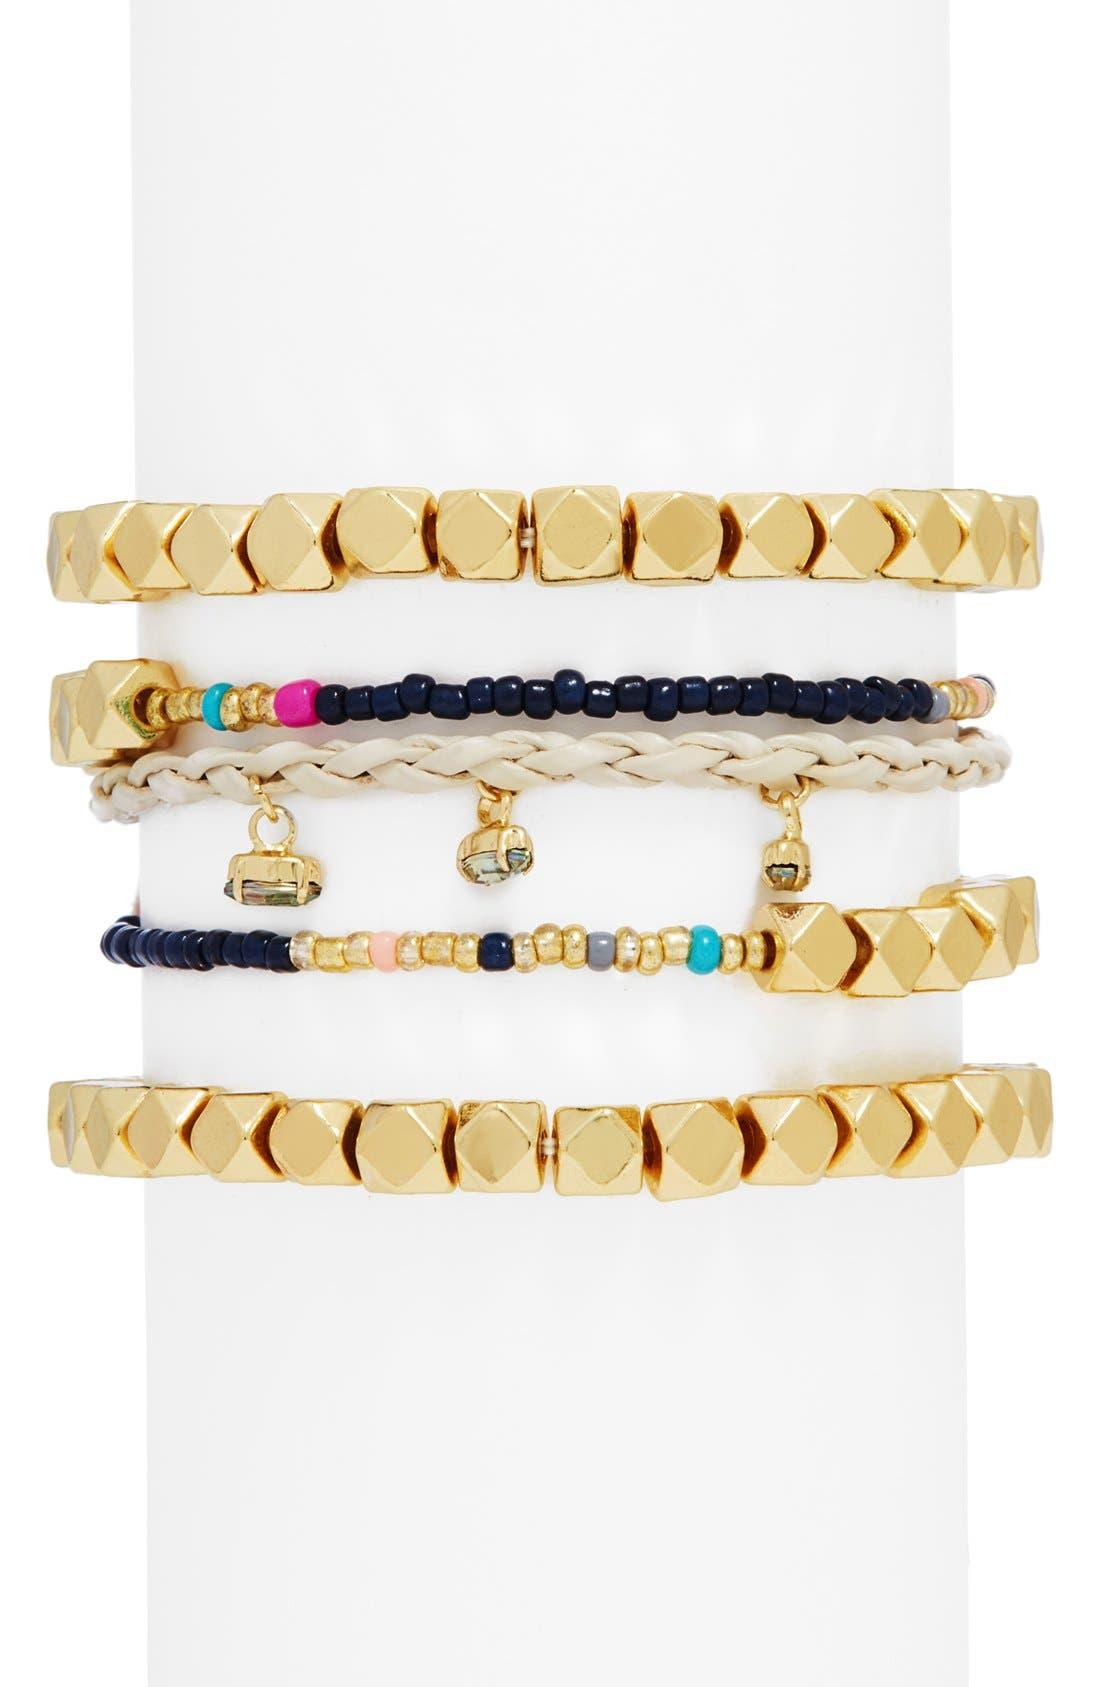 Alternate Image 1 Selected - BaubleBar 'Barbados' Beaded Bracelets (Set of 5)